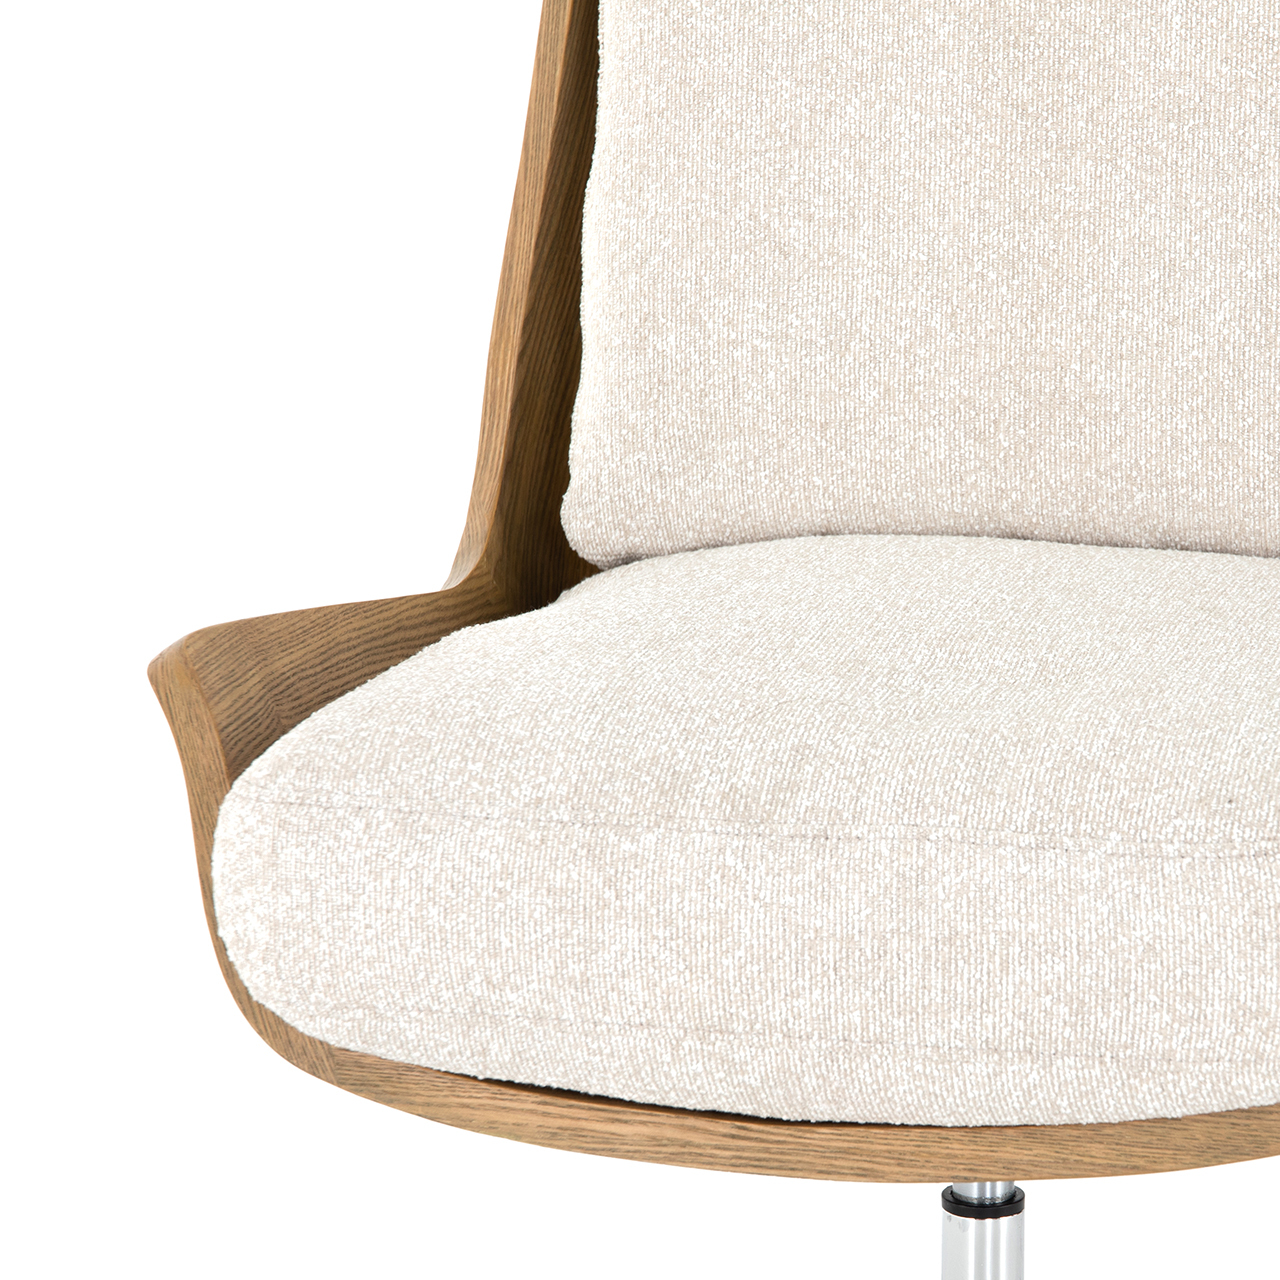 Bruges Desk Chair - Elder Sand